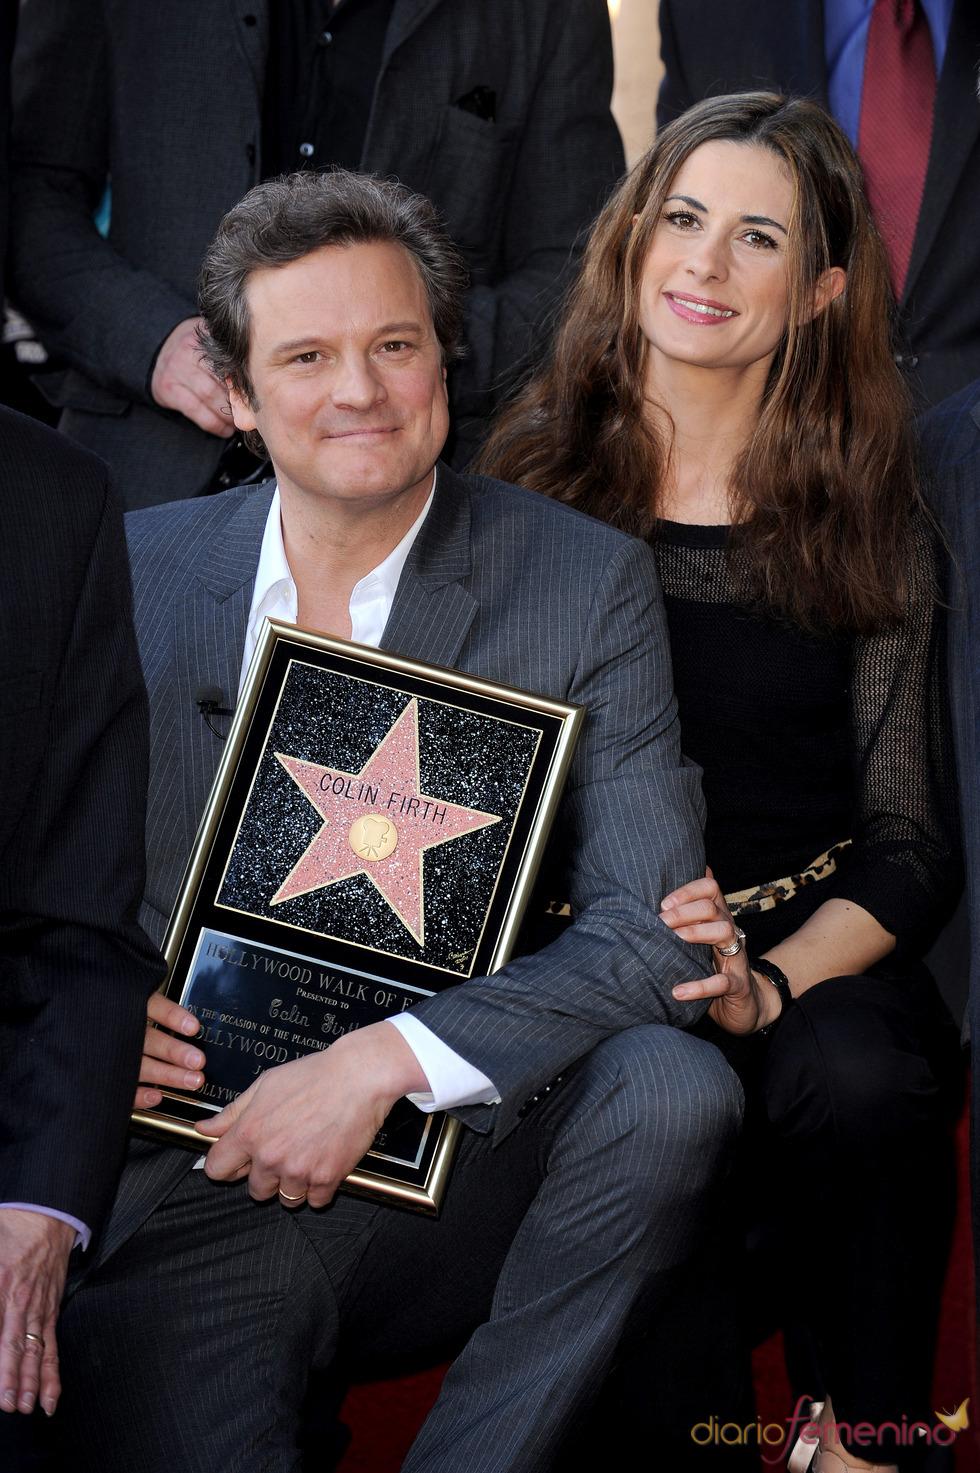 Colin Firth con su mujer y su estrella en el paseo de la fama